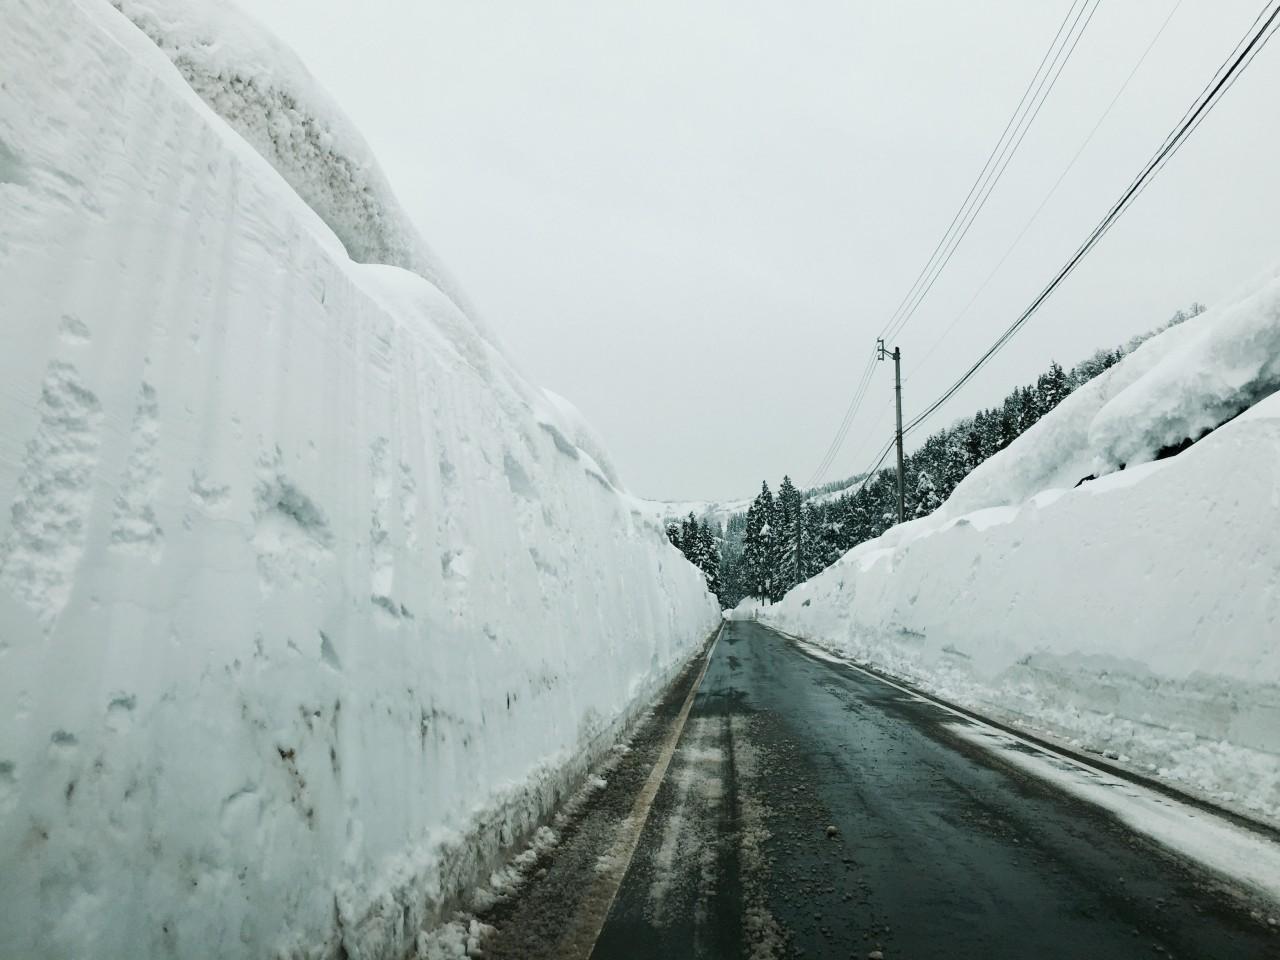 雪が降りやむ頃にもう道路面が見えて……。